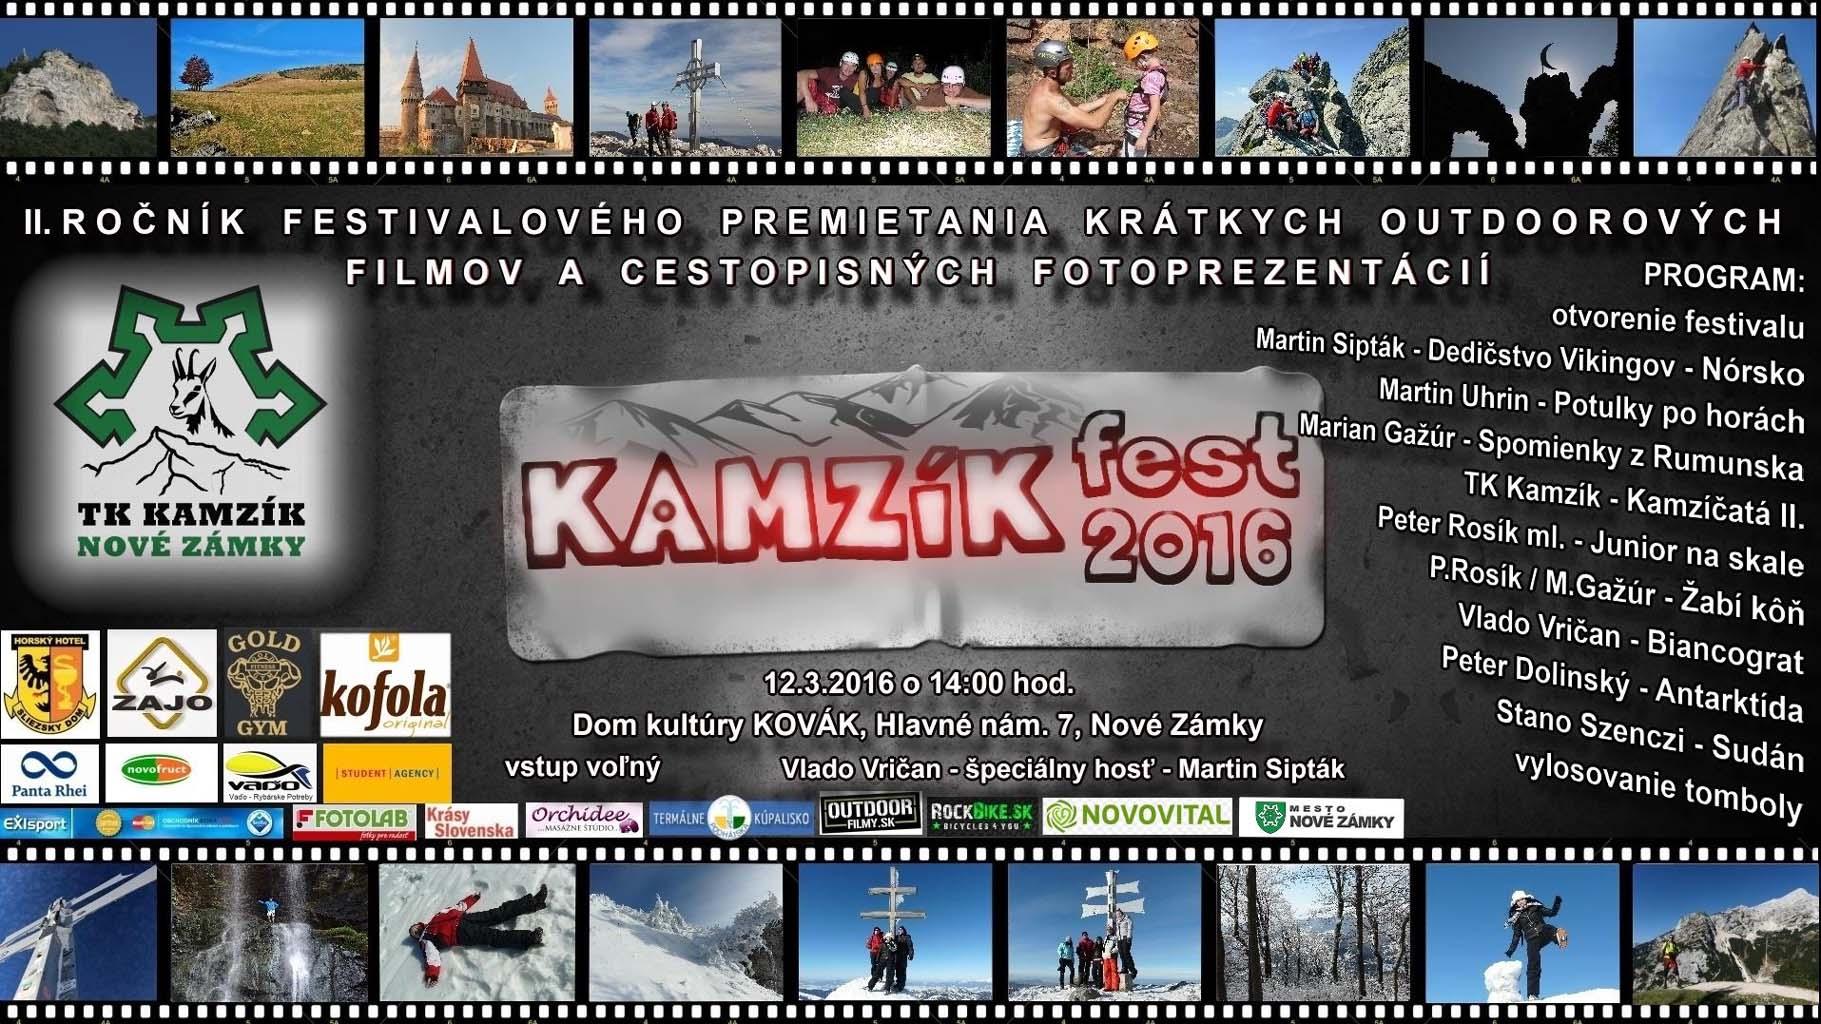 313d5b9cd Kamzíkfest 2016 - Kam v meste | moje Zamky